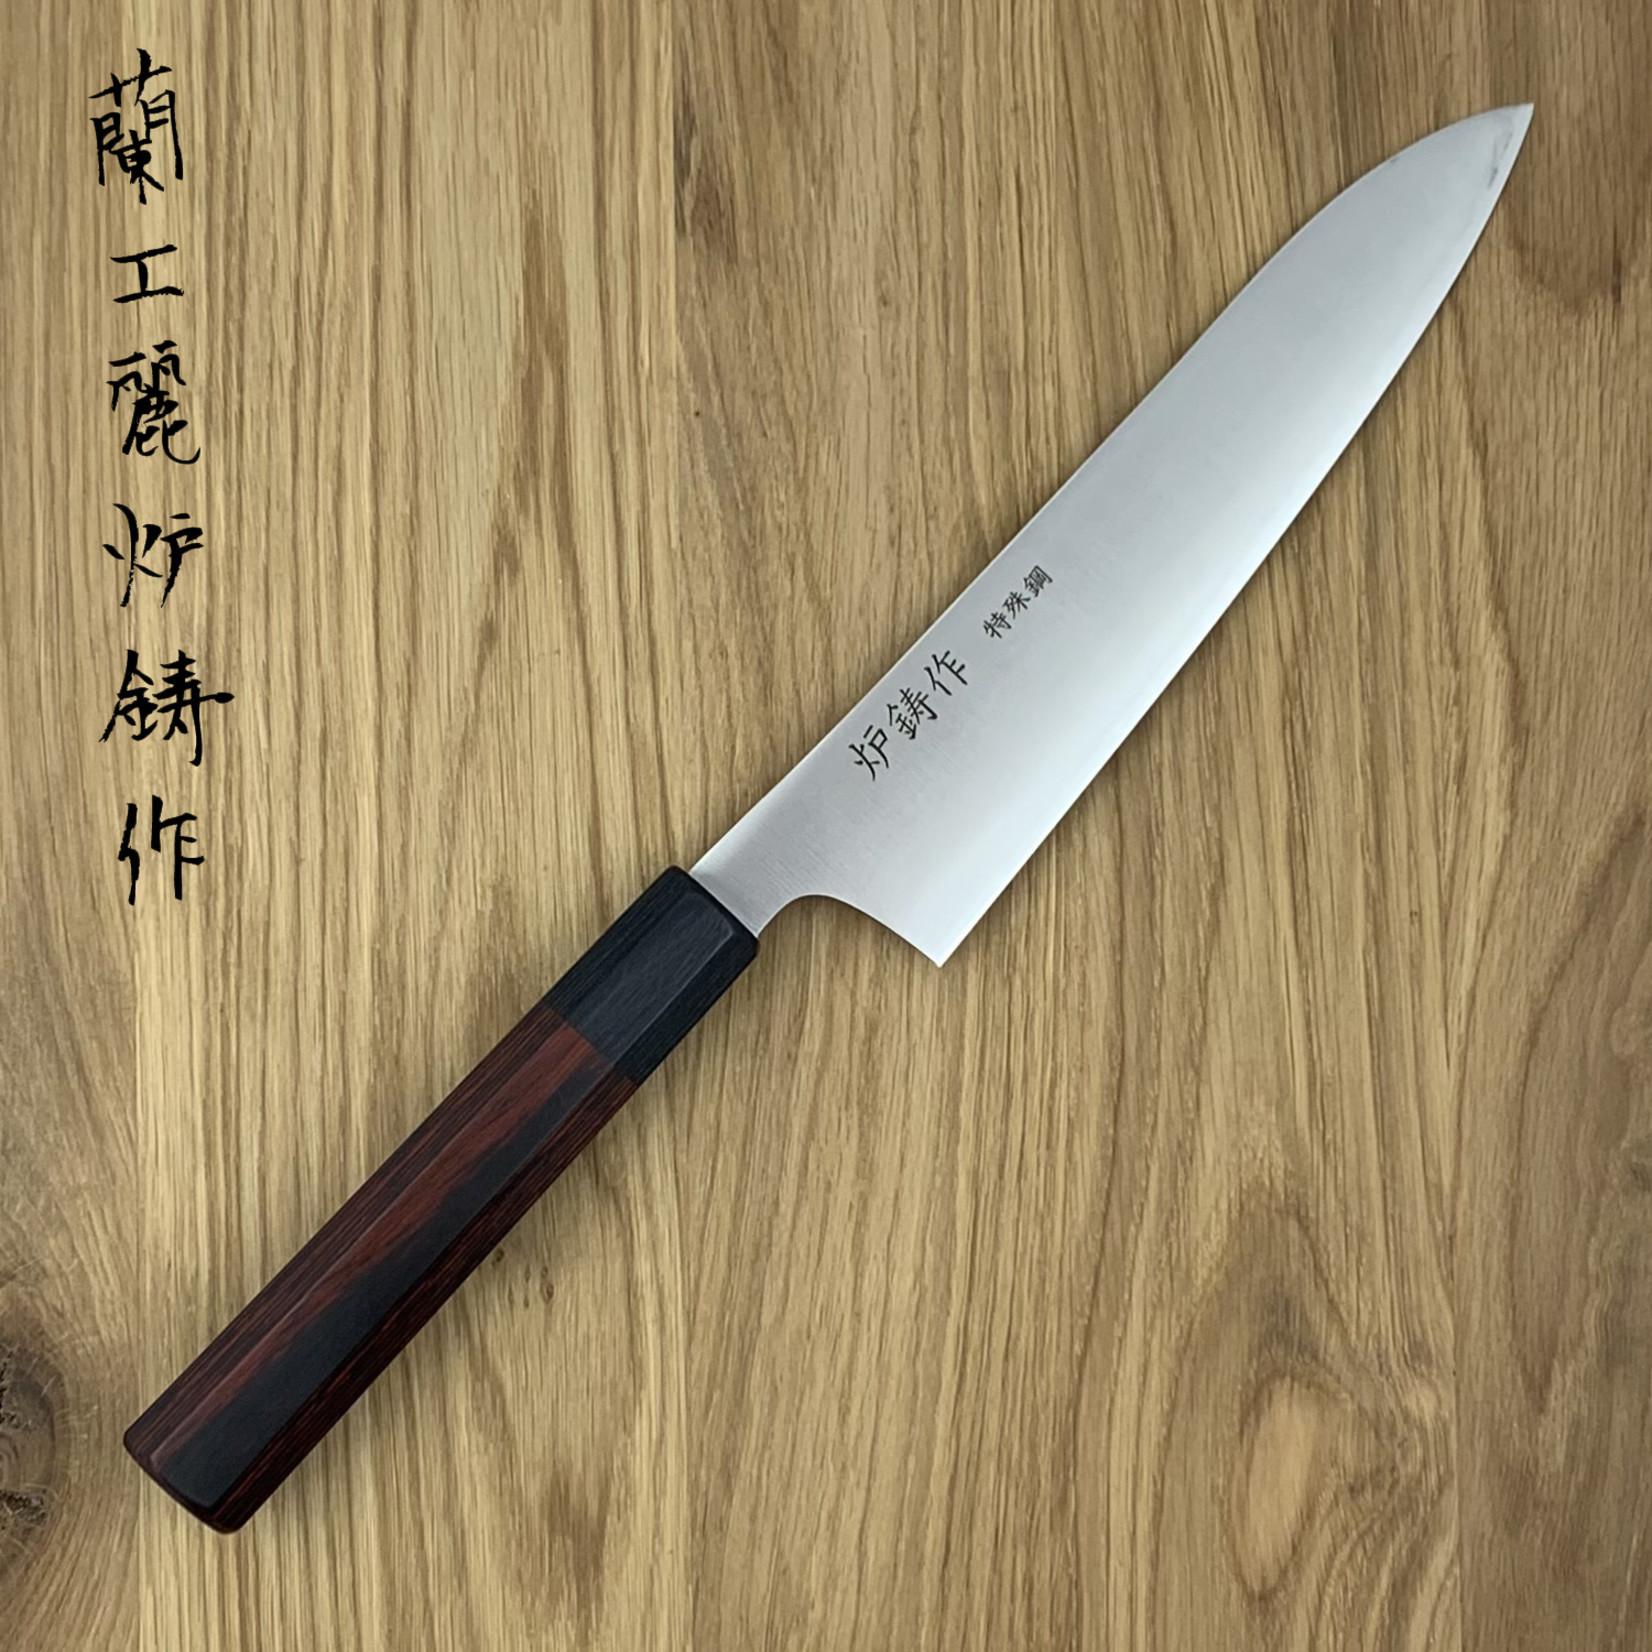 ROOIJ Saku Gyuto 180mm RK6-G18CR